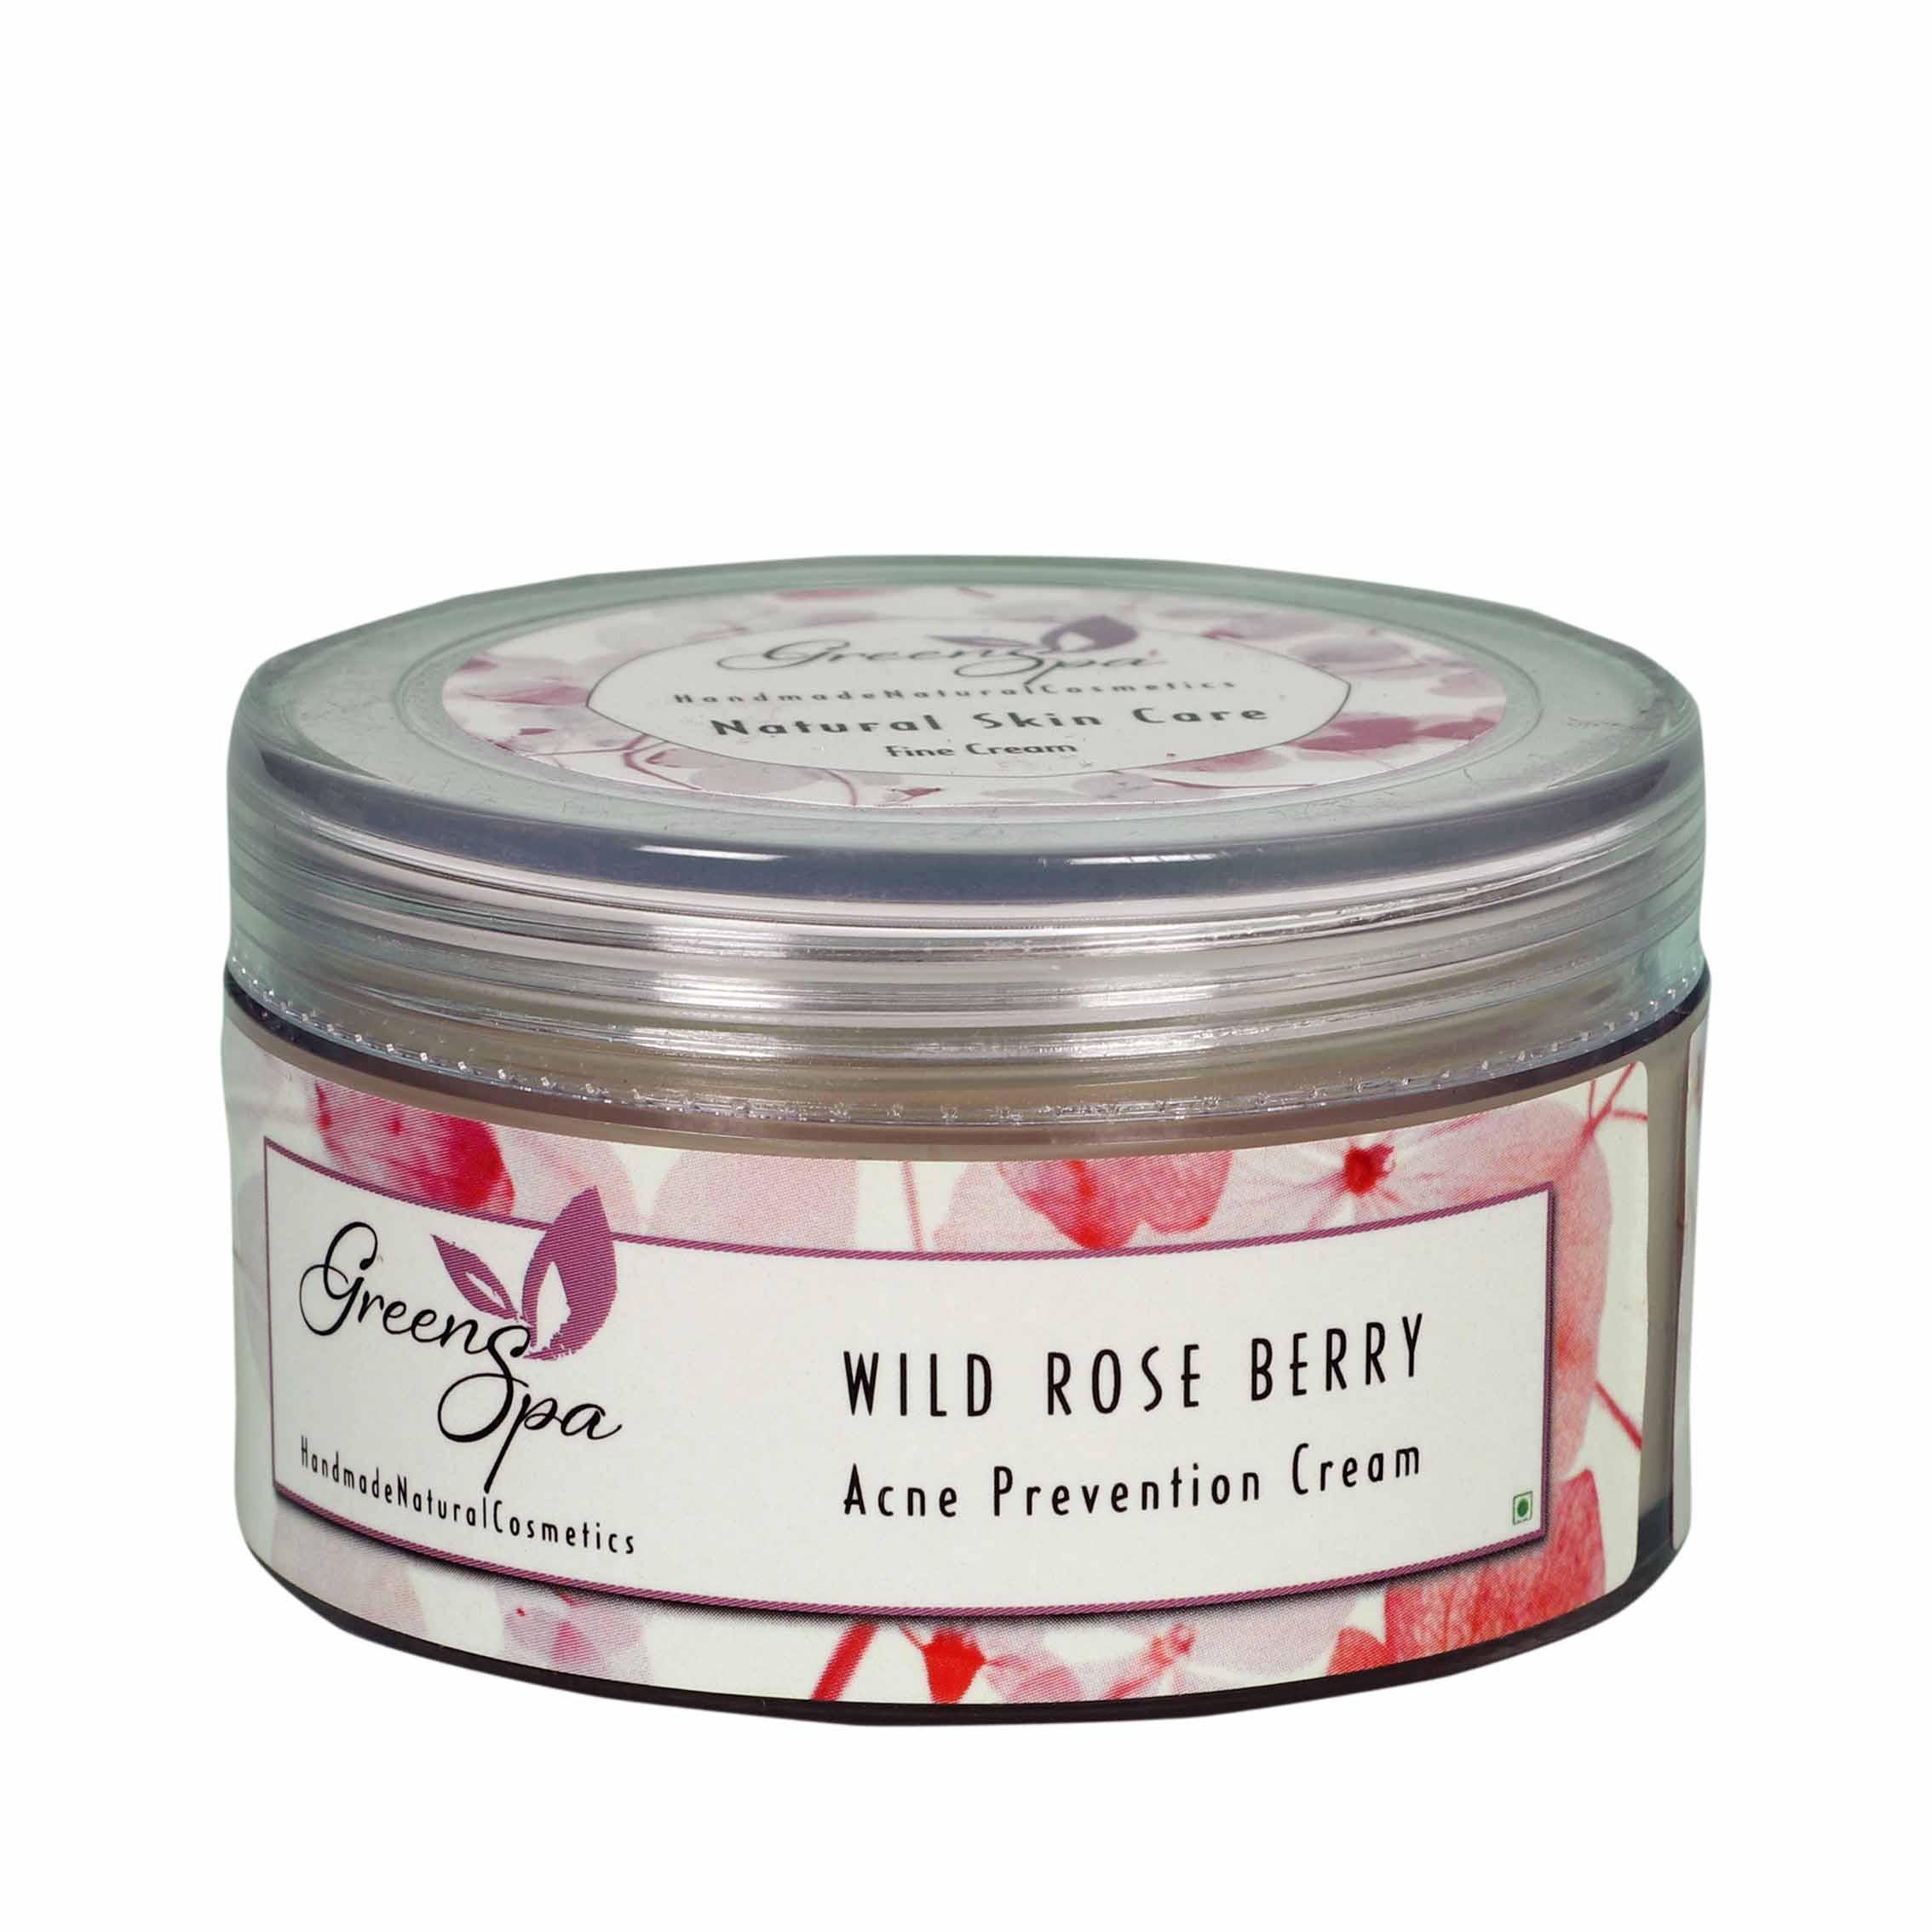 Greenspa Wild Rose Berry Acne Prevention Cream 50gm